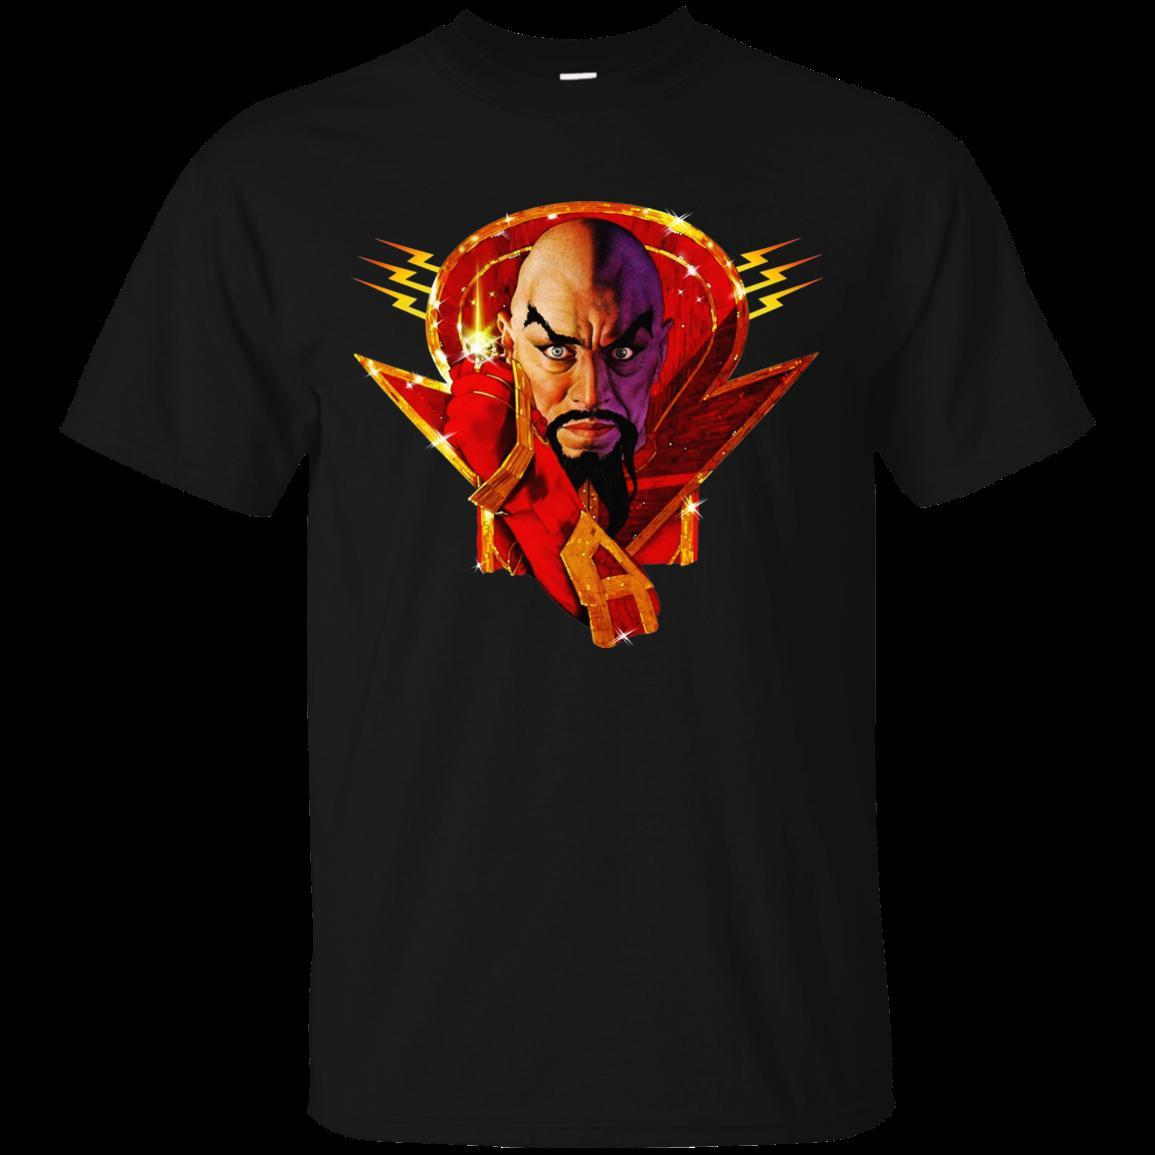 Ming spietato, Flash Gordon, Max von Sydow, 1980, villain, G240LS U freddo casuale orgoglio uomini della maglietta unisex